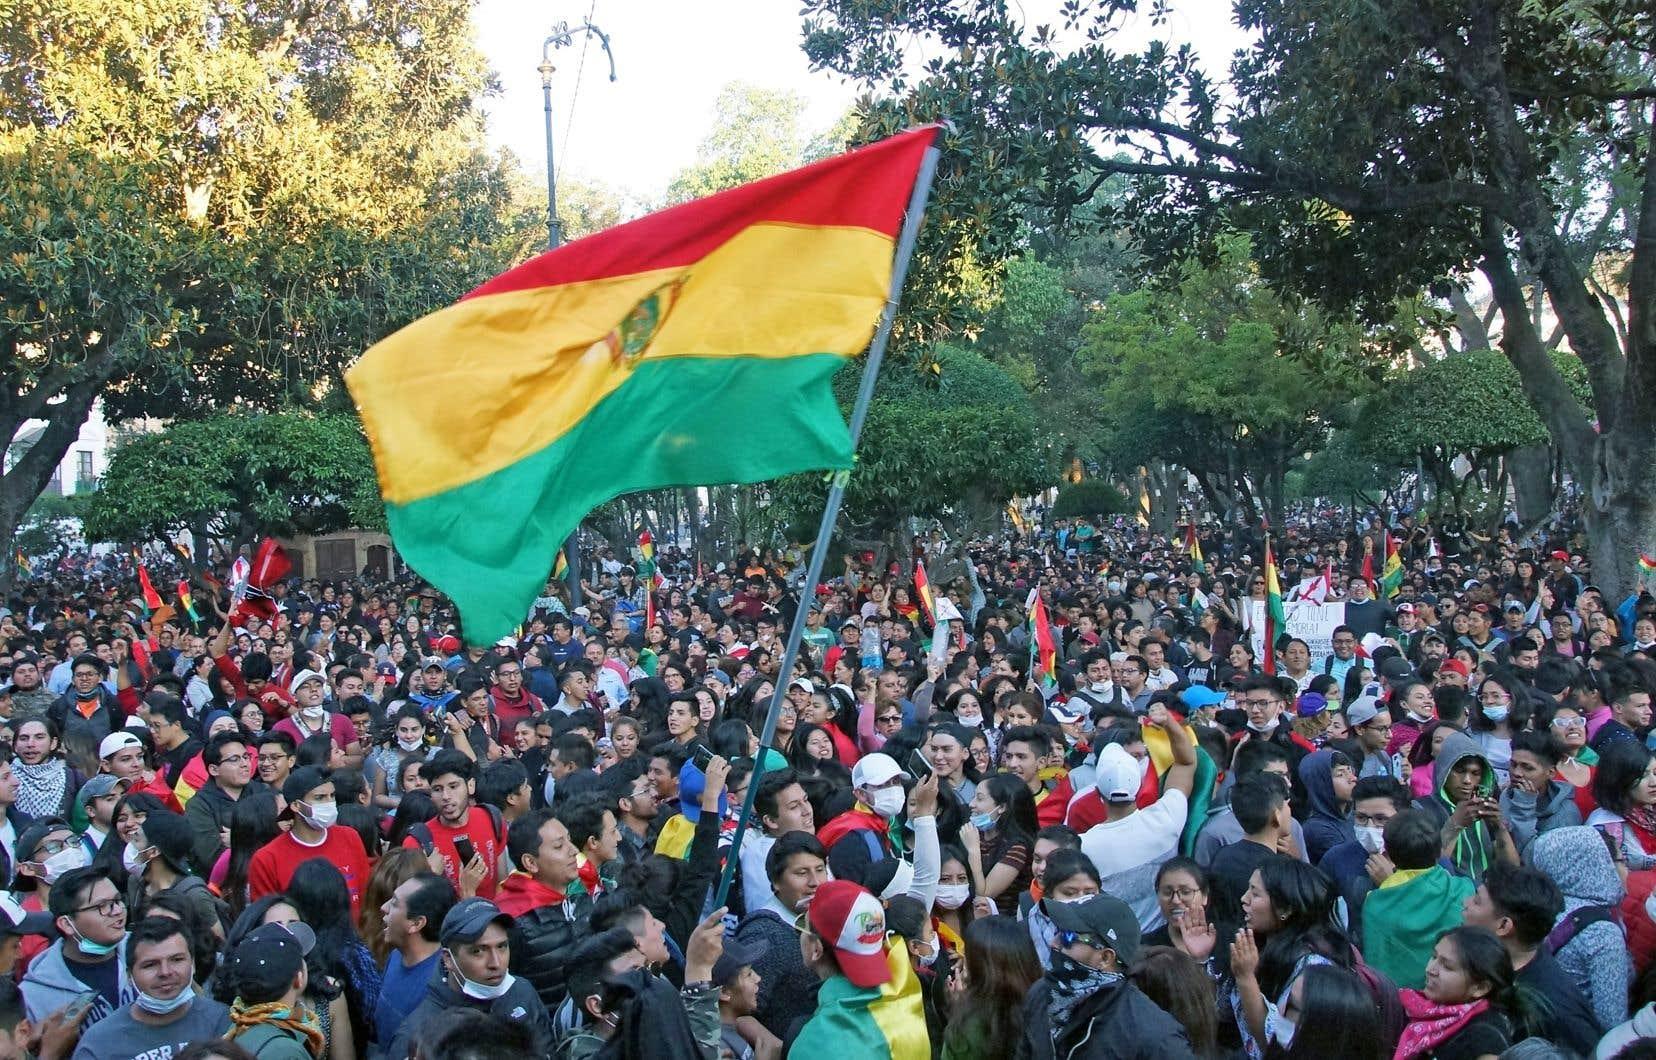 La victoire imminente d'Evo Morales, au terme d'un processus électoral critiqué, a provoqué de grandes manifestations à travers la Bolivie, mardi.